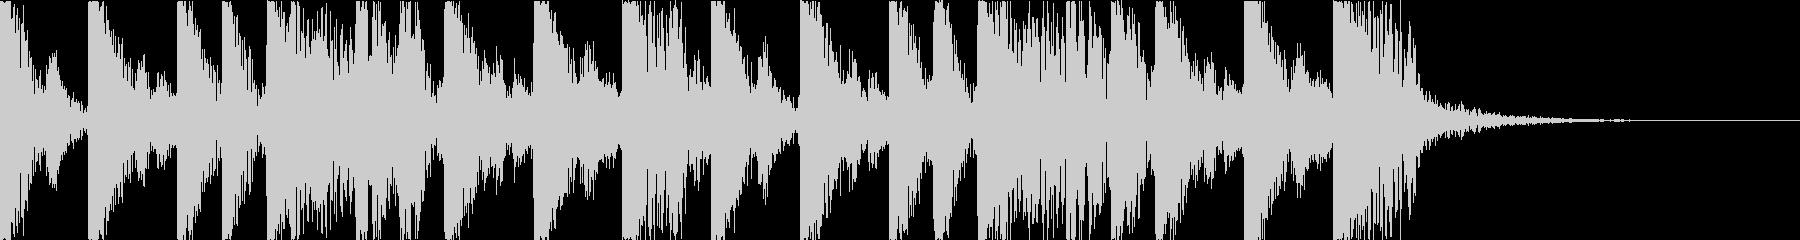 攻撃的でダークなEDM3の未再生の波形